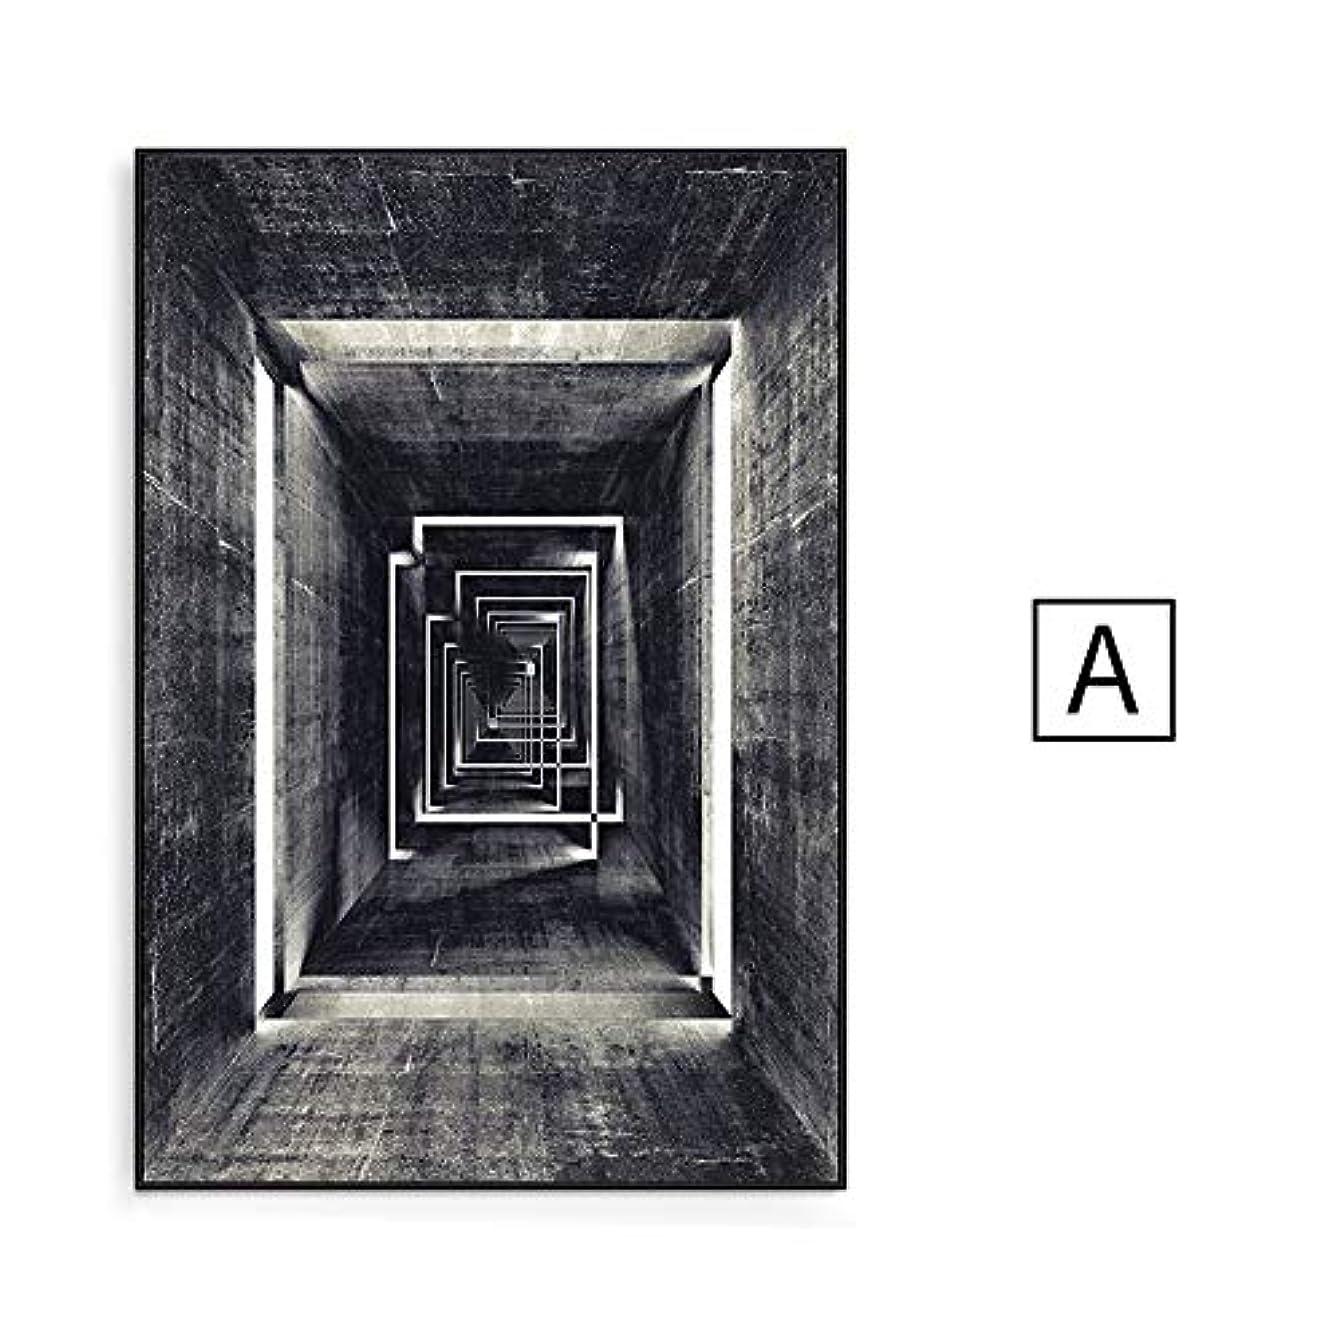 レビュアー考えのれん木製フォトフレーム フォトフレーム6×4フレームローズゴールドウォールアート銅フォトフレームぶら下げフォトフレームクリスマスギフトラップセット シングルフォトフレーム (Color : A, Size : 82x102 (aluminum alloy frame))